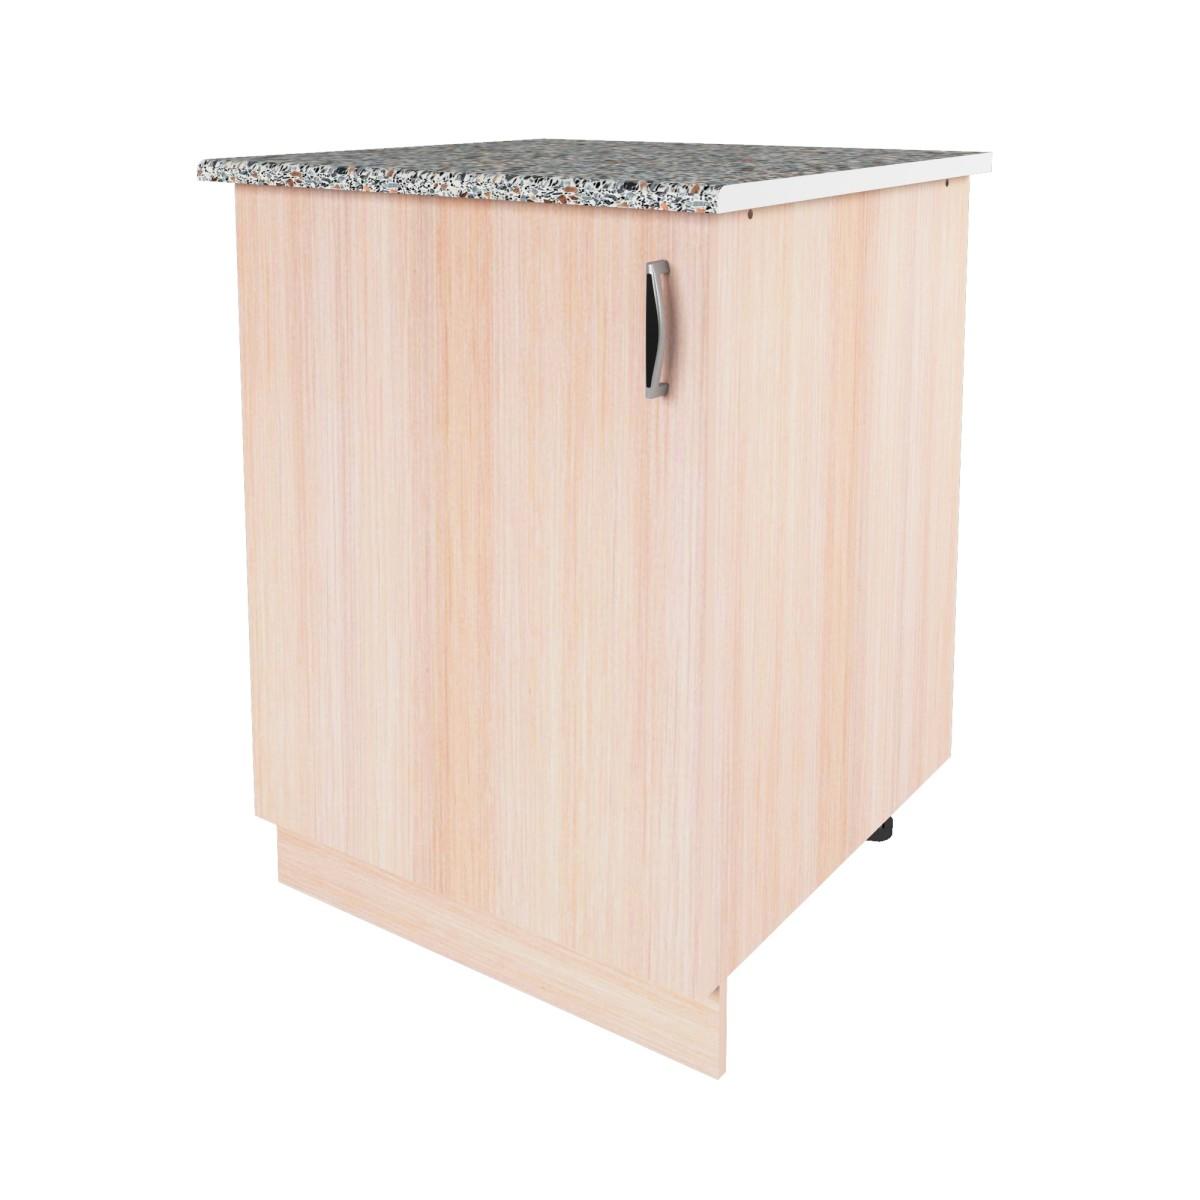 Шкаф напольный Дуб молочный См 86х60 см ЛДСП цвет дуб